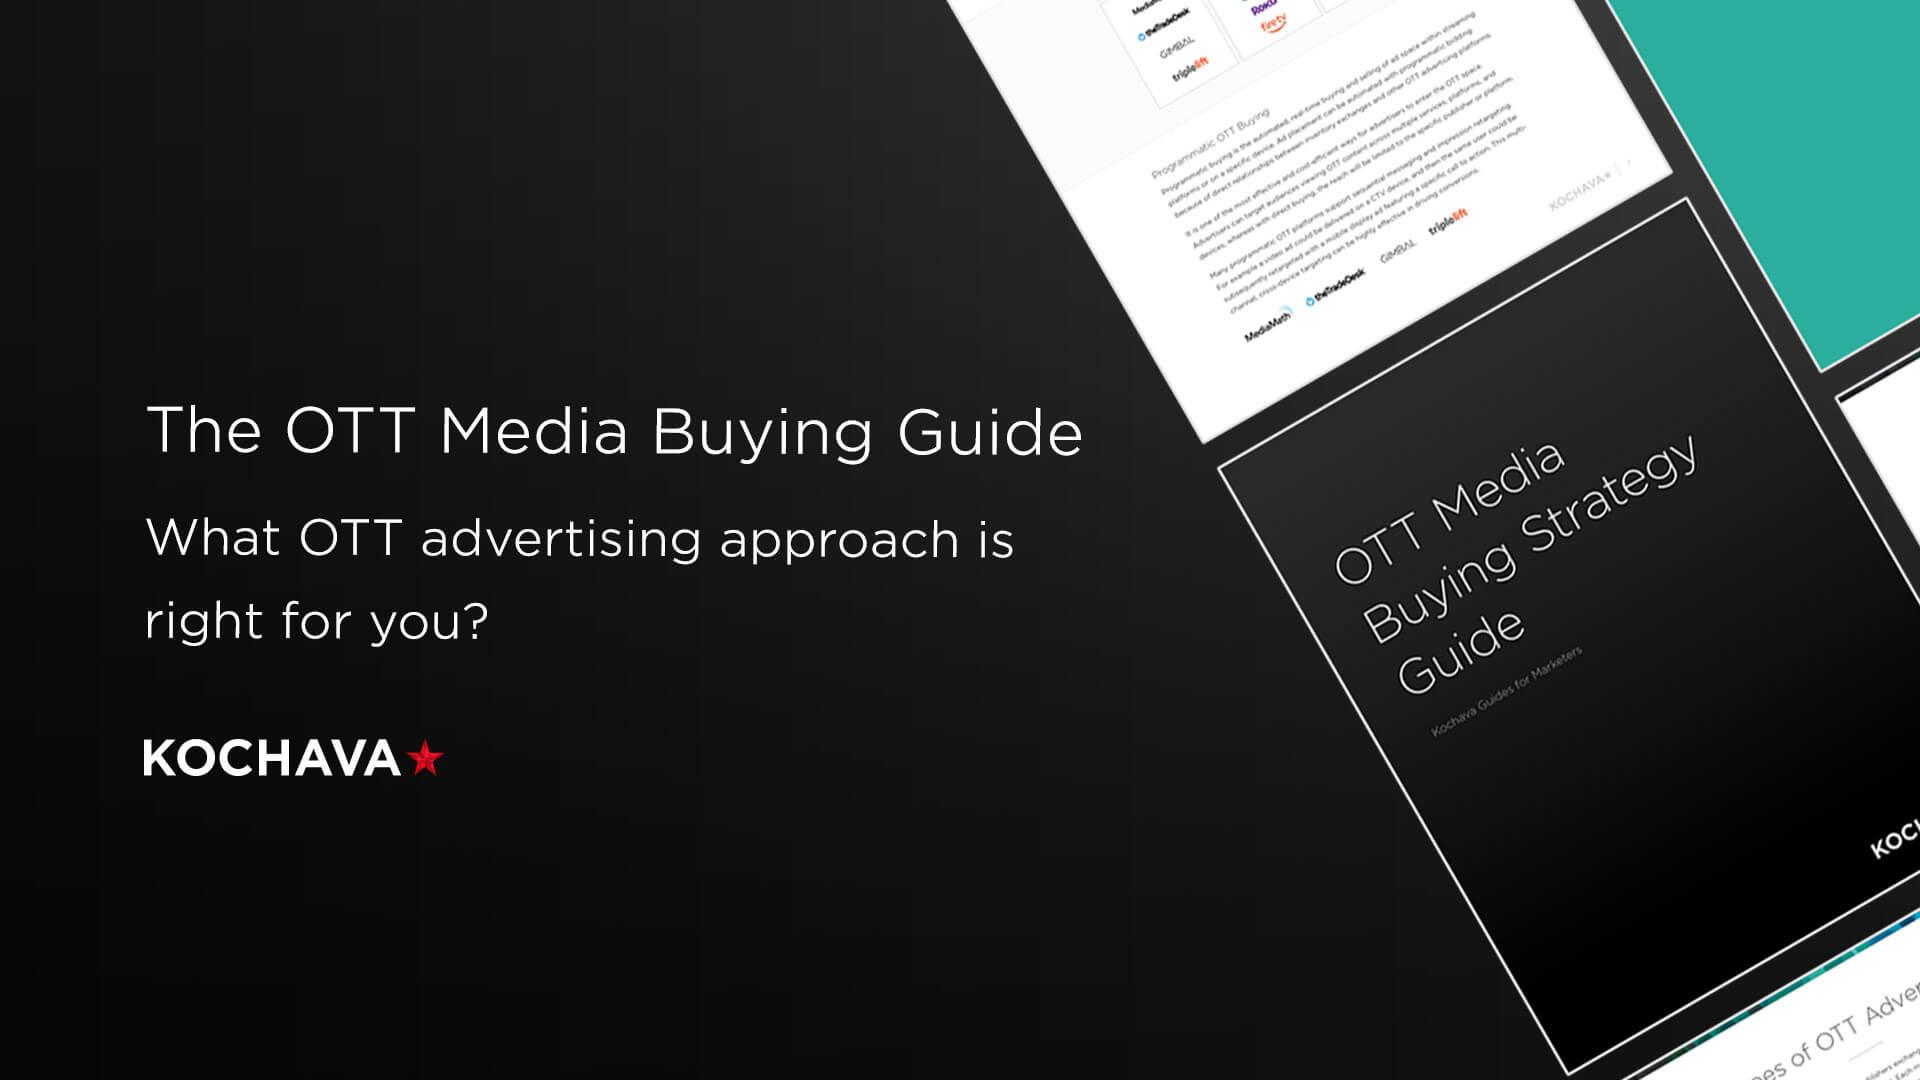 OTT Media Buying Guide